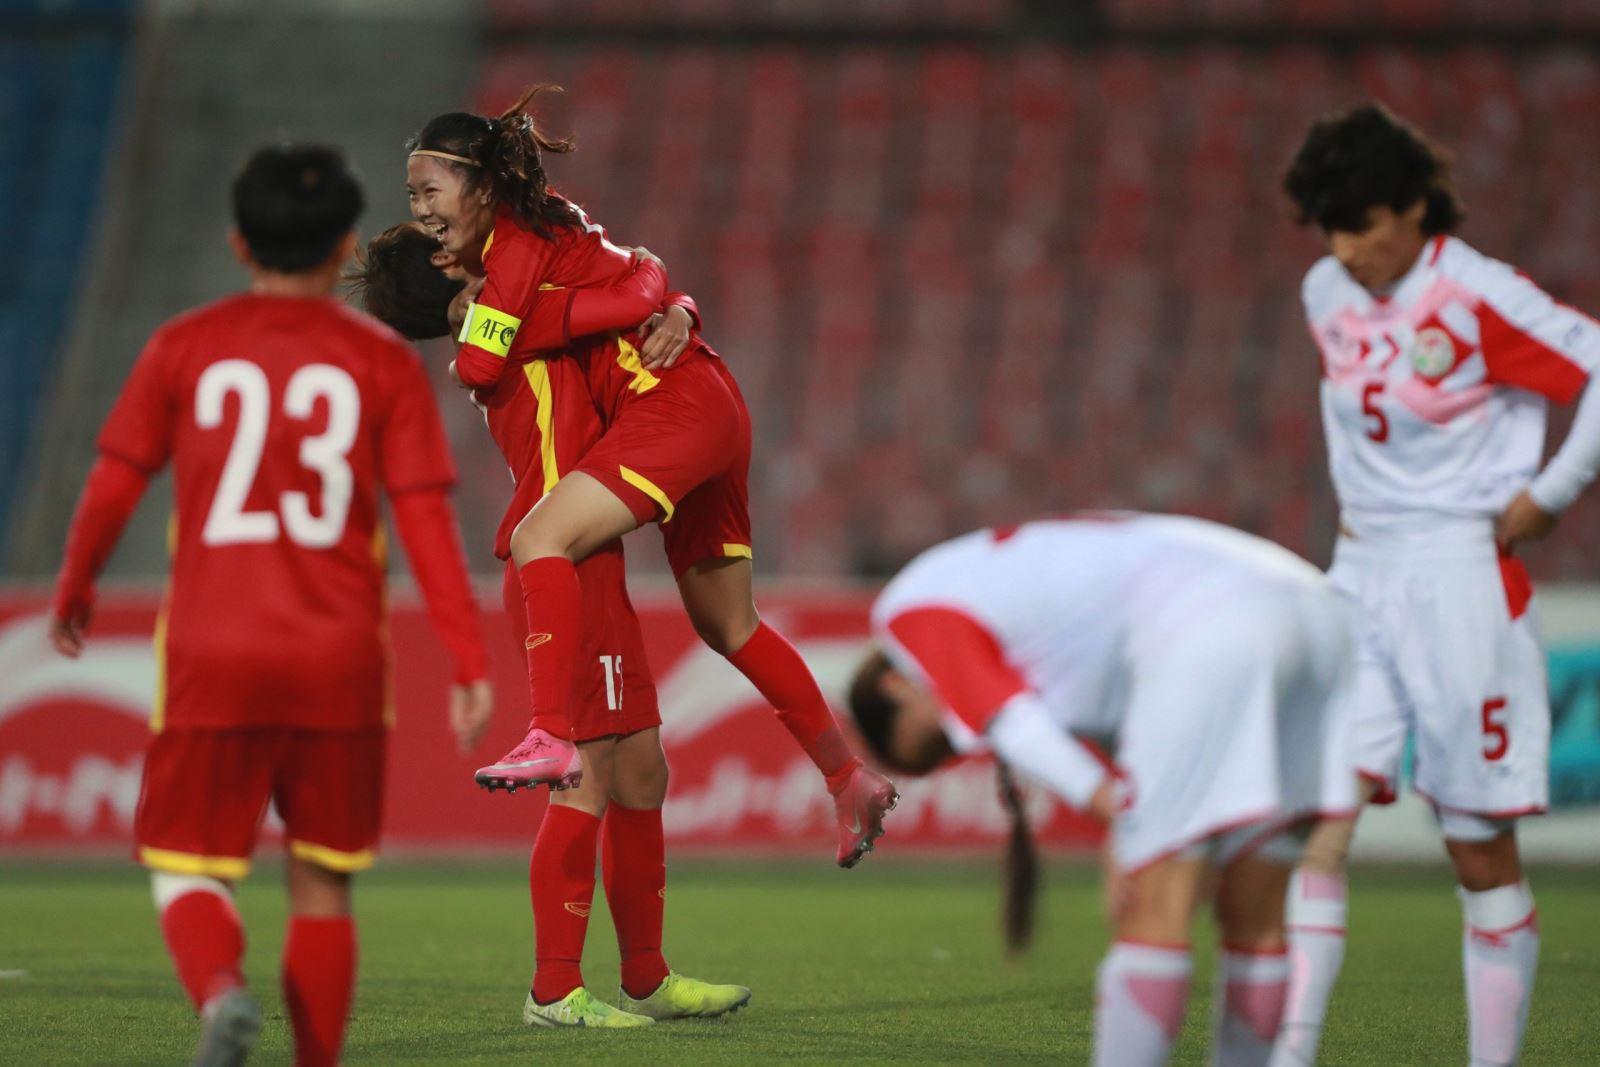 bóng đá Việt Nam, tin tức bóng đá, ĐT Việt Nam, dtvn, Park Hang Seo, xếp hạng bảng B vòng loại thứ ba World Cup, Việt Nam vs Nhật Bản, Việt Nam vs Ả rập xê út